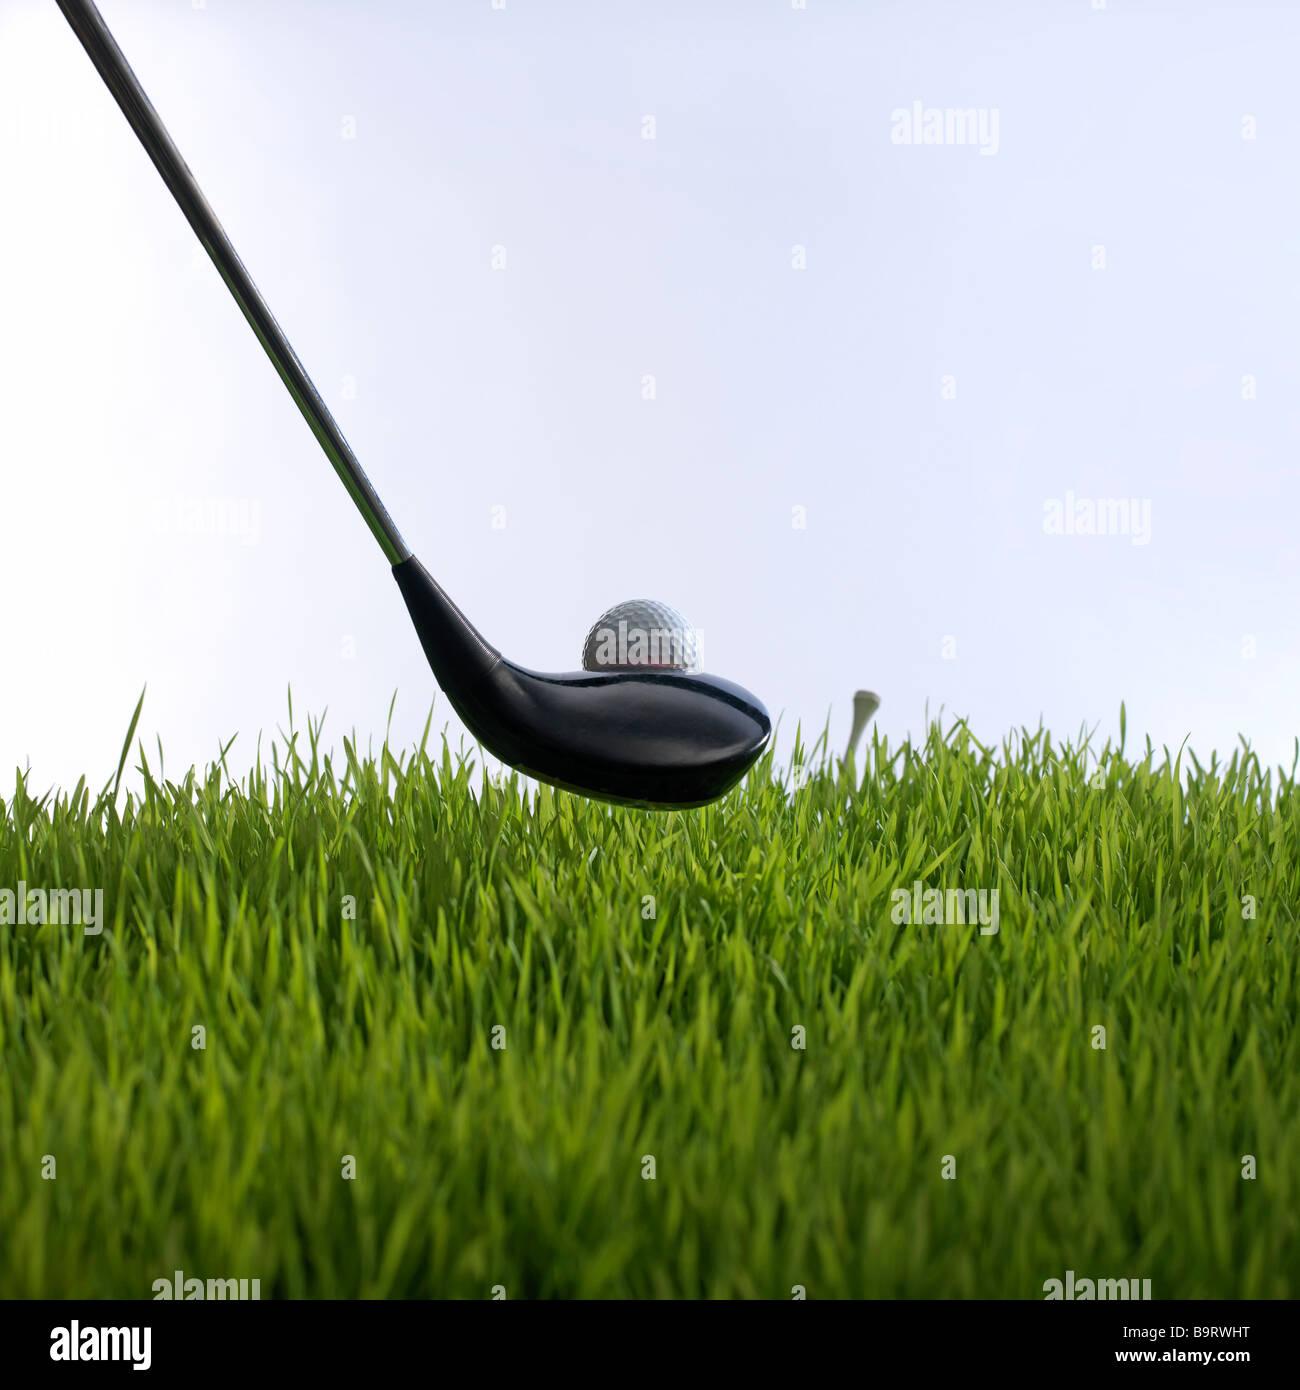 Club de golf y bola de golf y tee en hierba Imagen De Stock